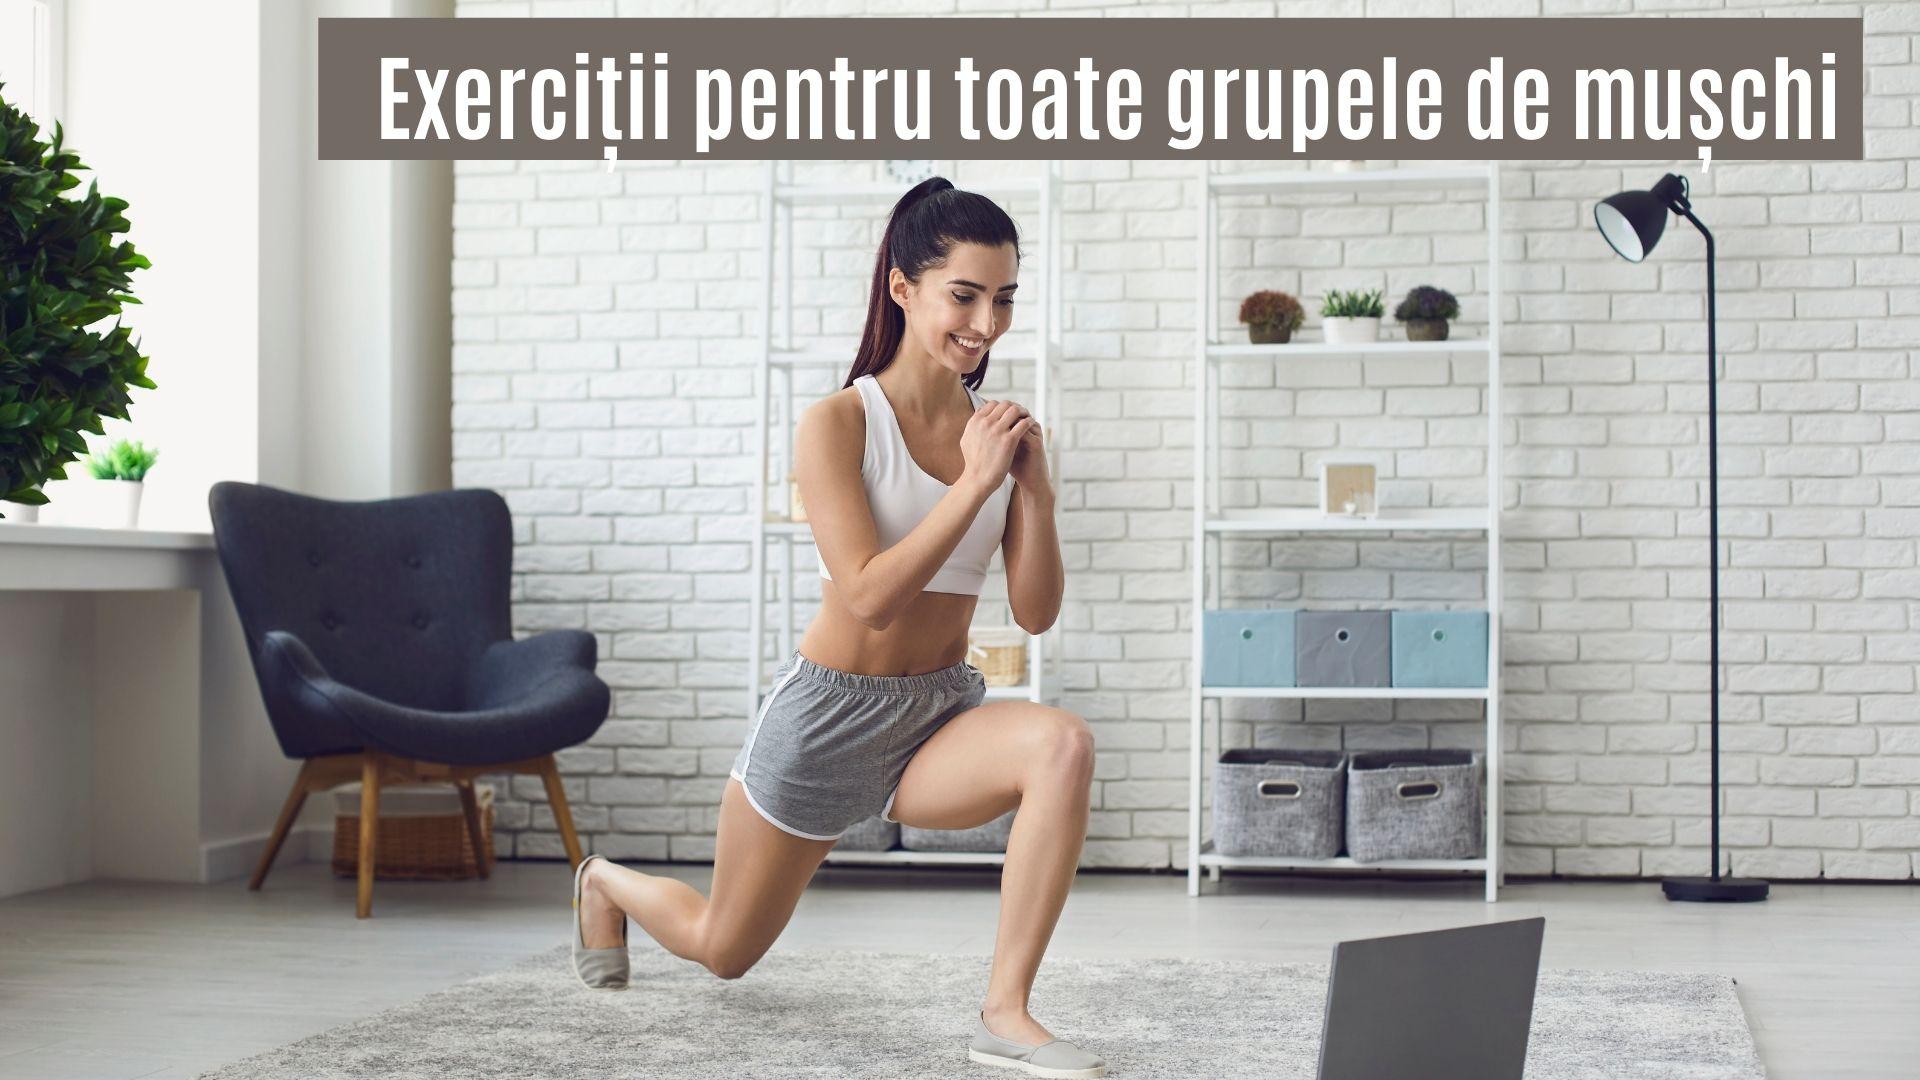 Foto: În doar 10 minute de antrenament lucrezi toți mușchii corpului. Vezi setul de exerciții!